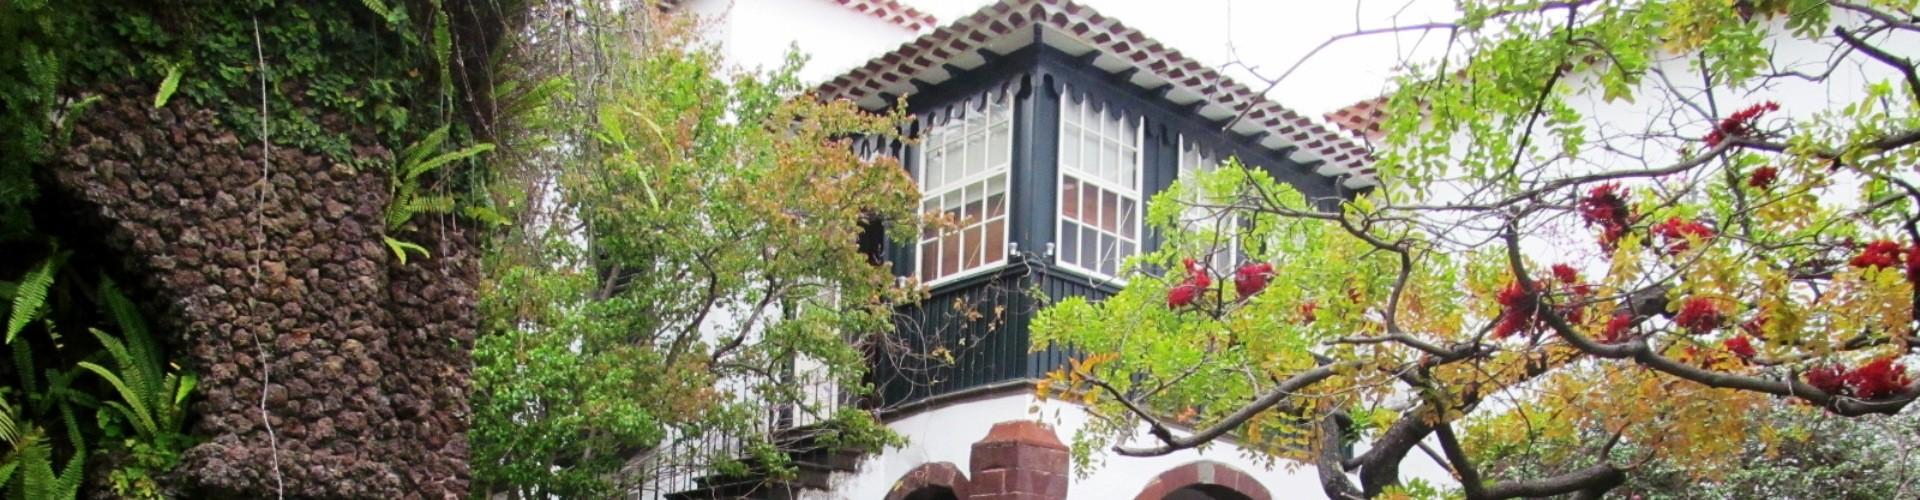 Museu Quinta das Cruzes Museum, Funchal, Madeira